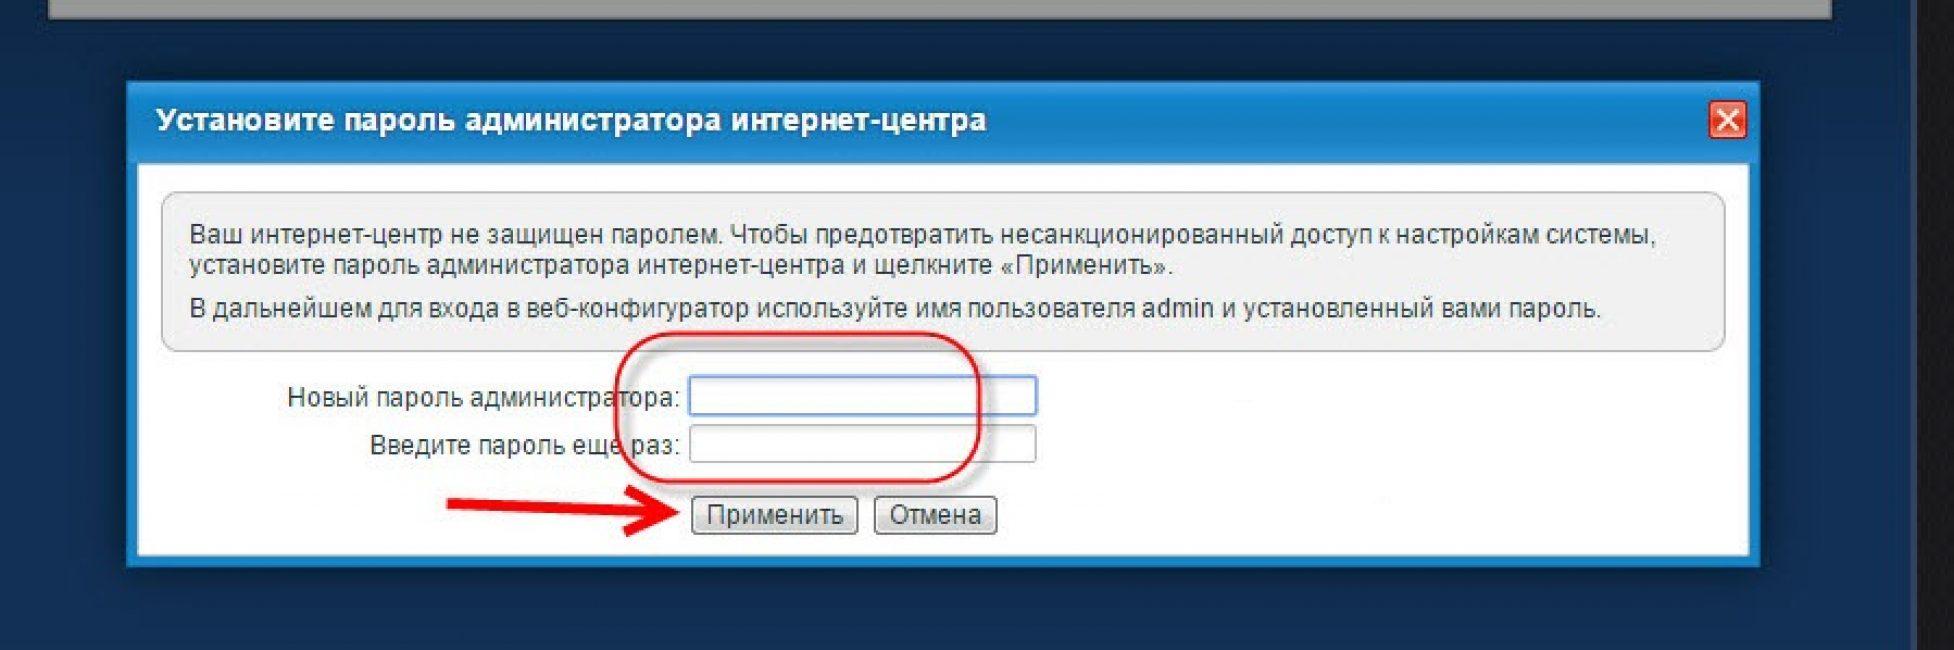 Установка нового пароля администратора